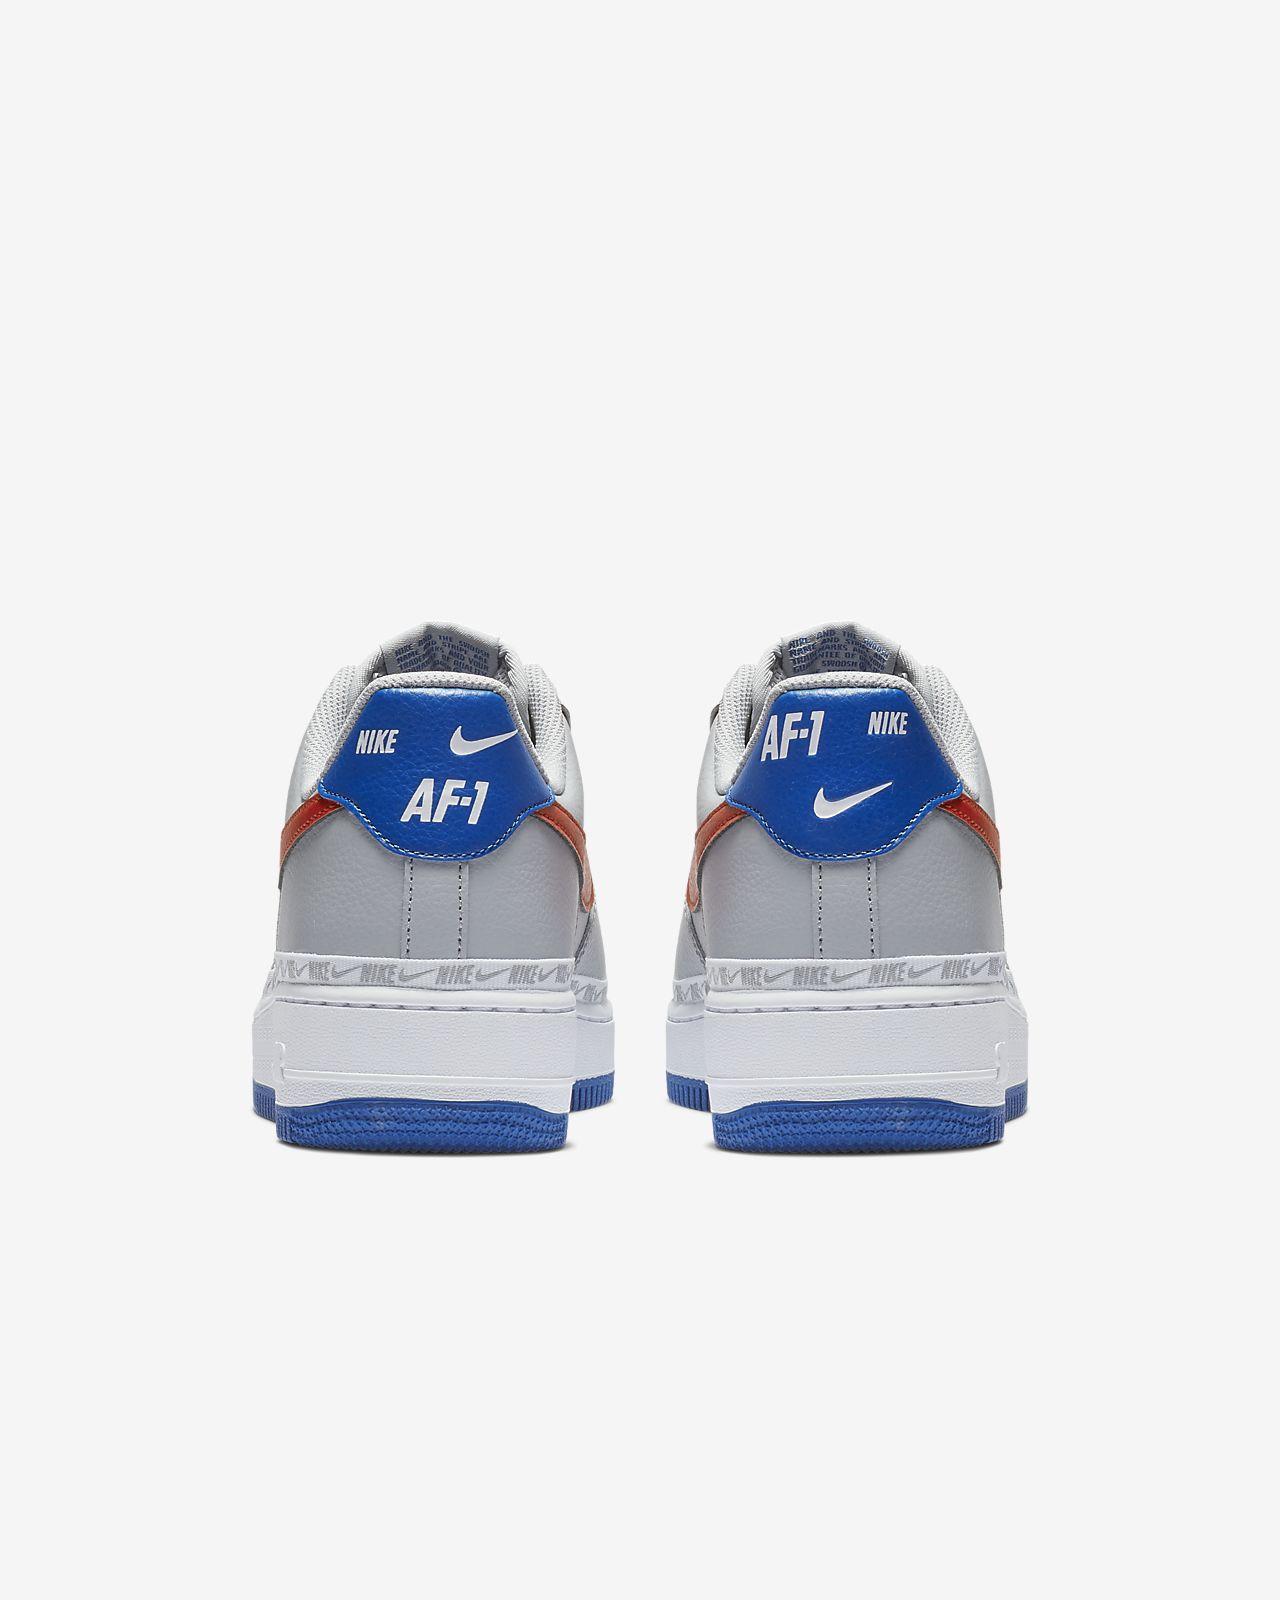 68af16976b0 ... Nike Air Force 1  07 LV8 Men s Shoe